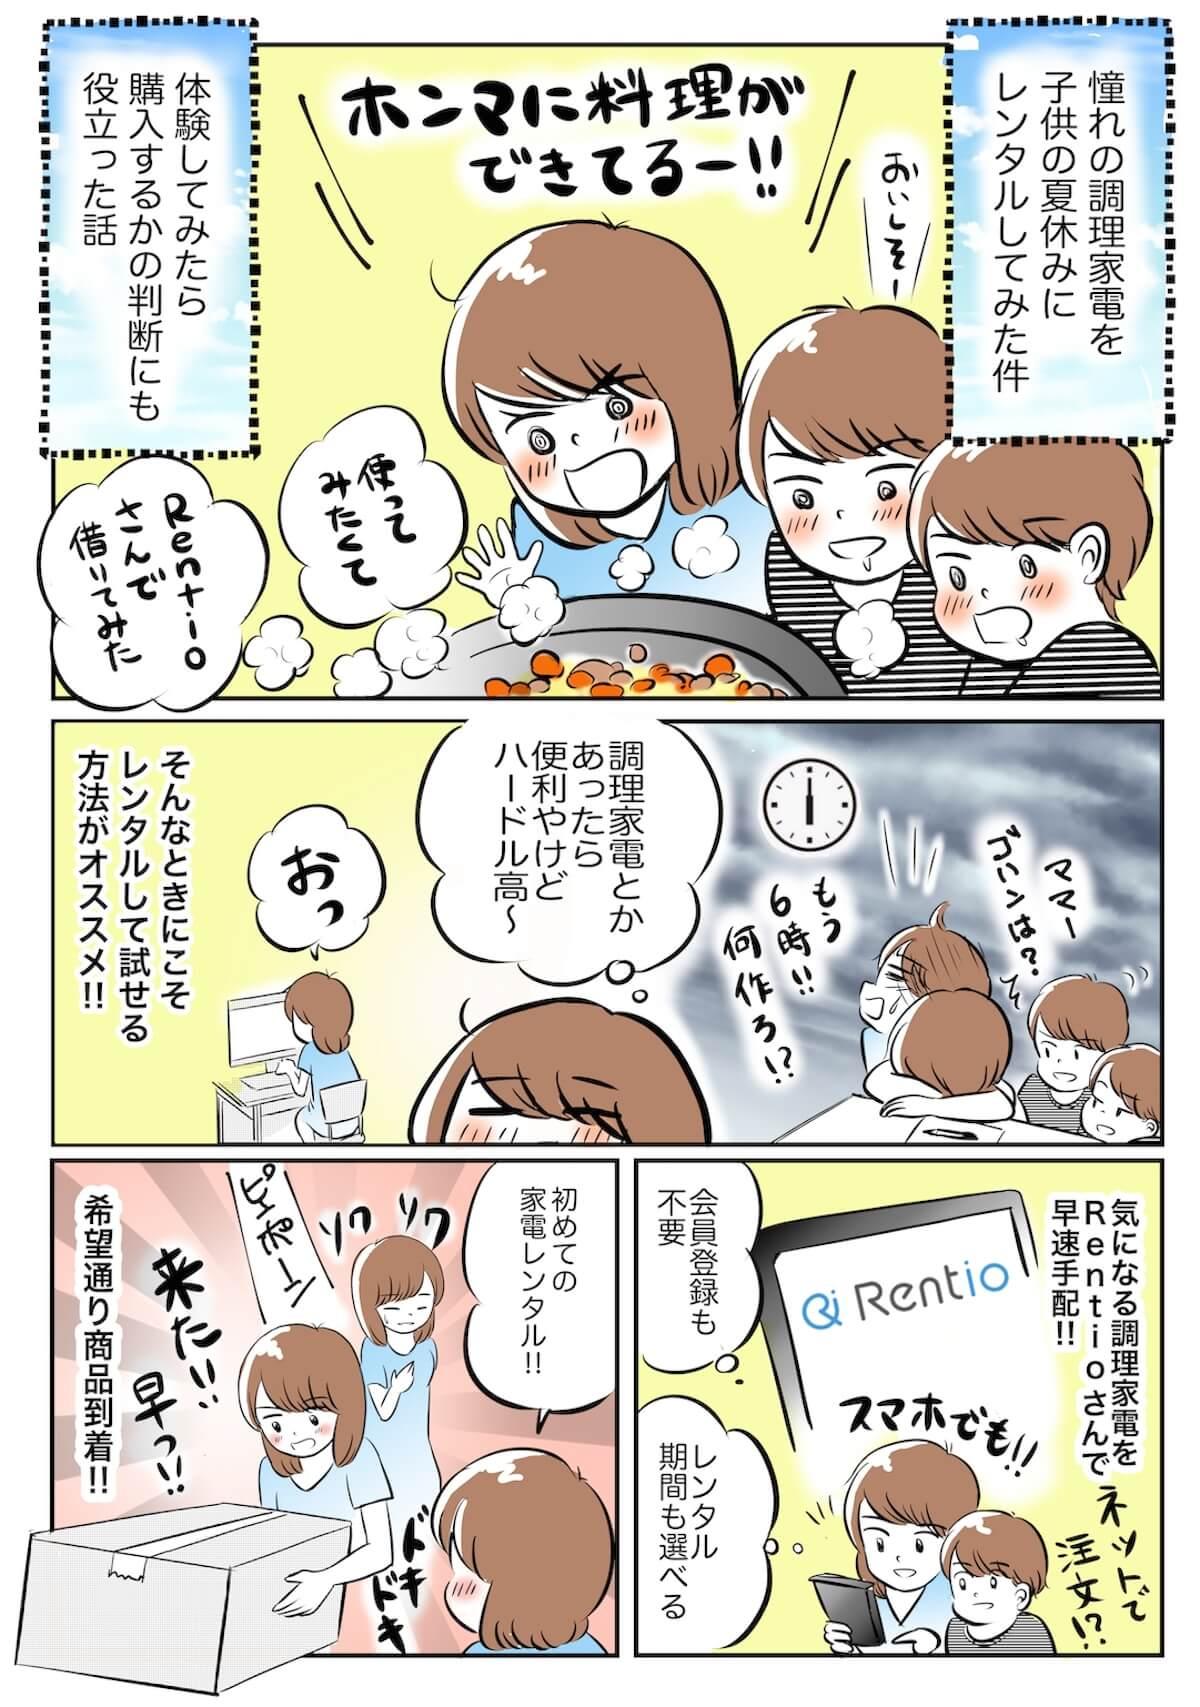 【漫画】憧れのホットクックをレンタルしてみた